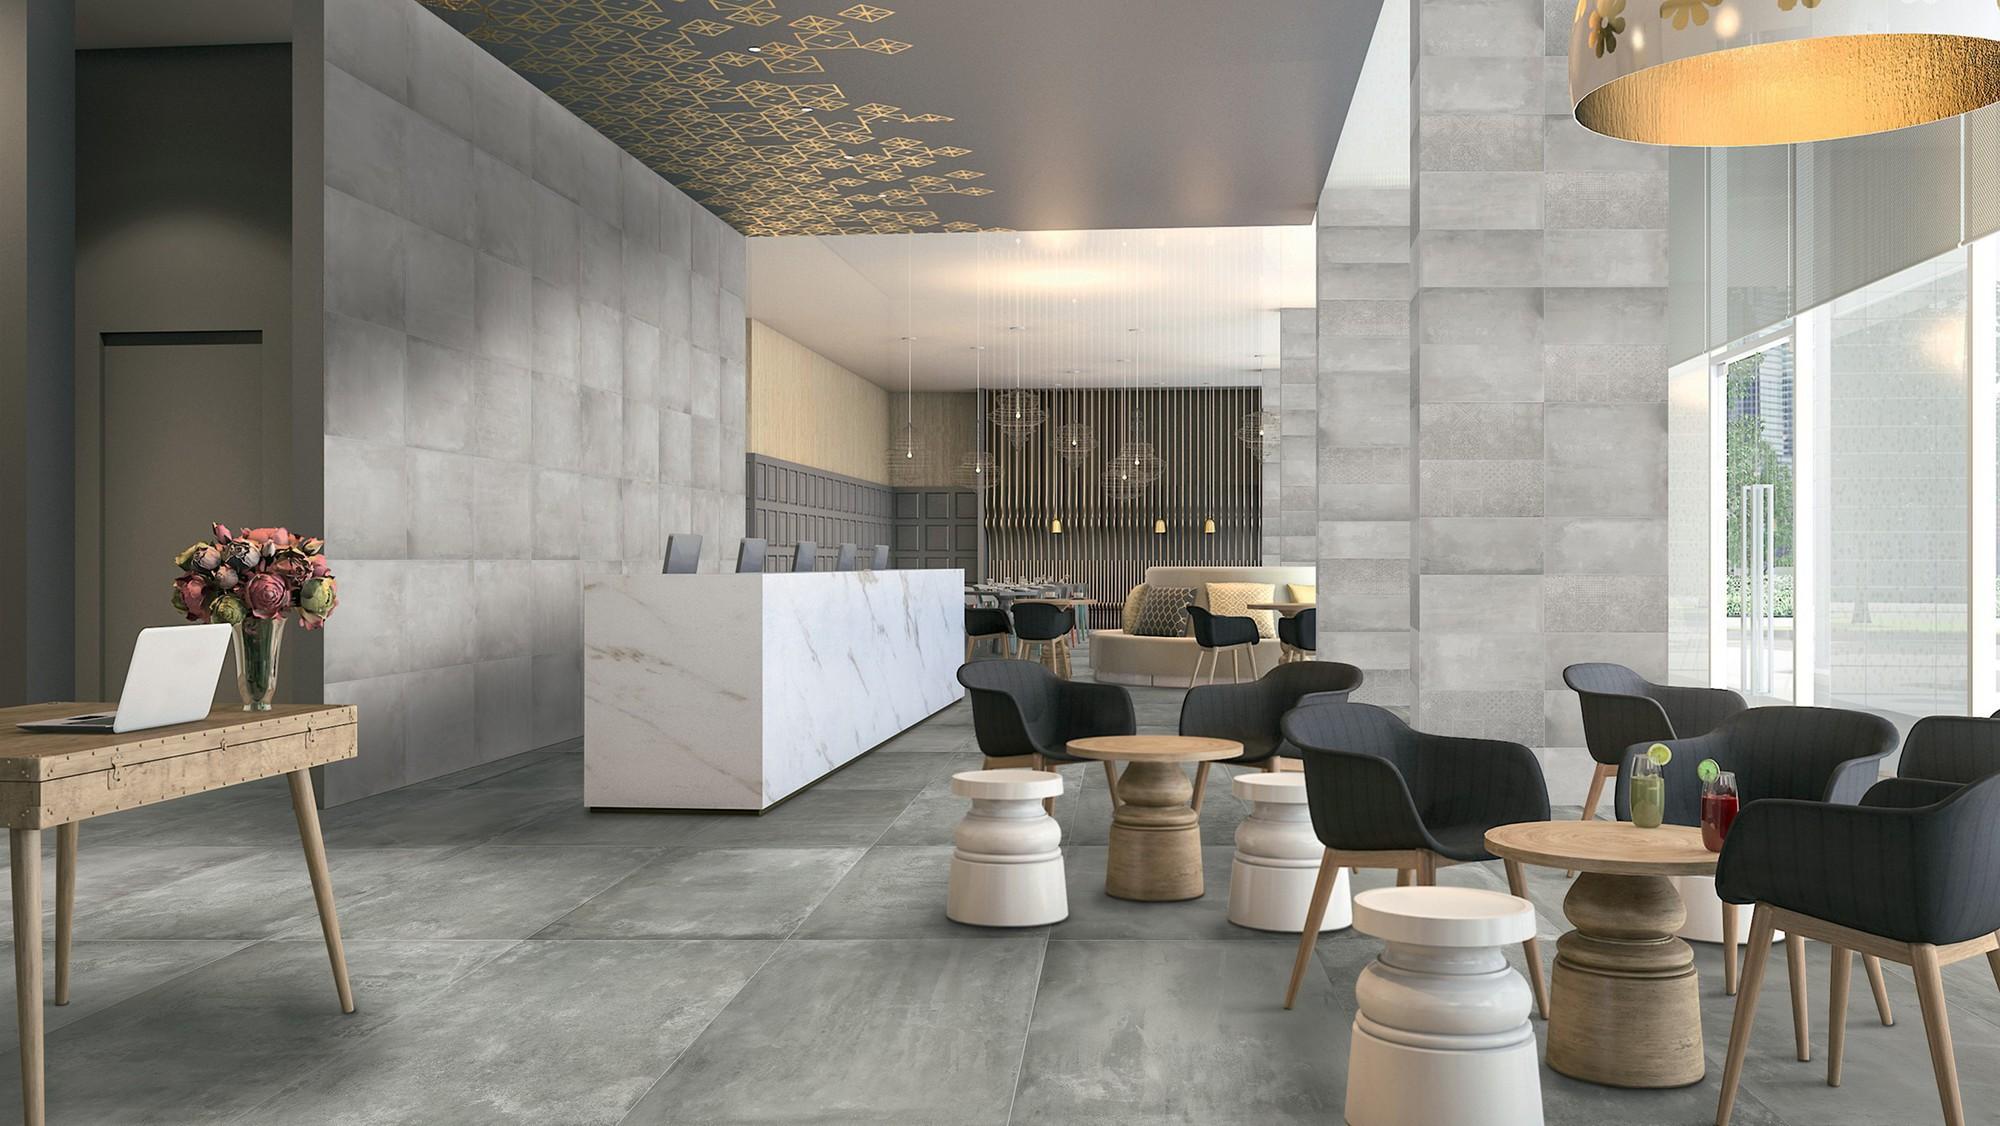 Design New Kitchen Online